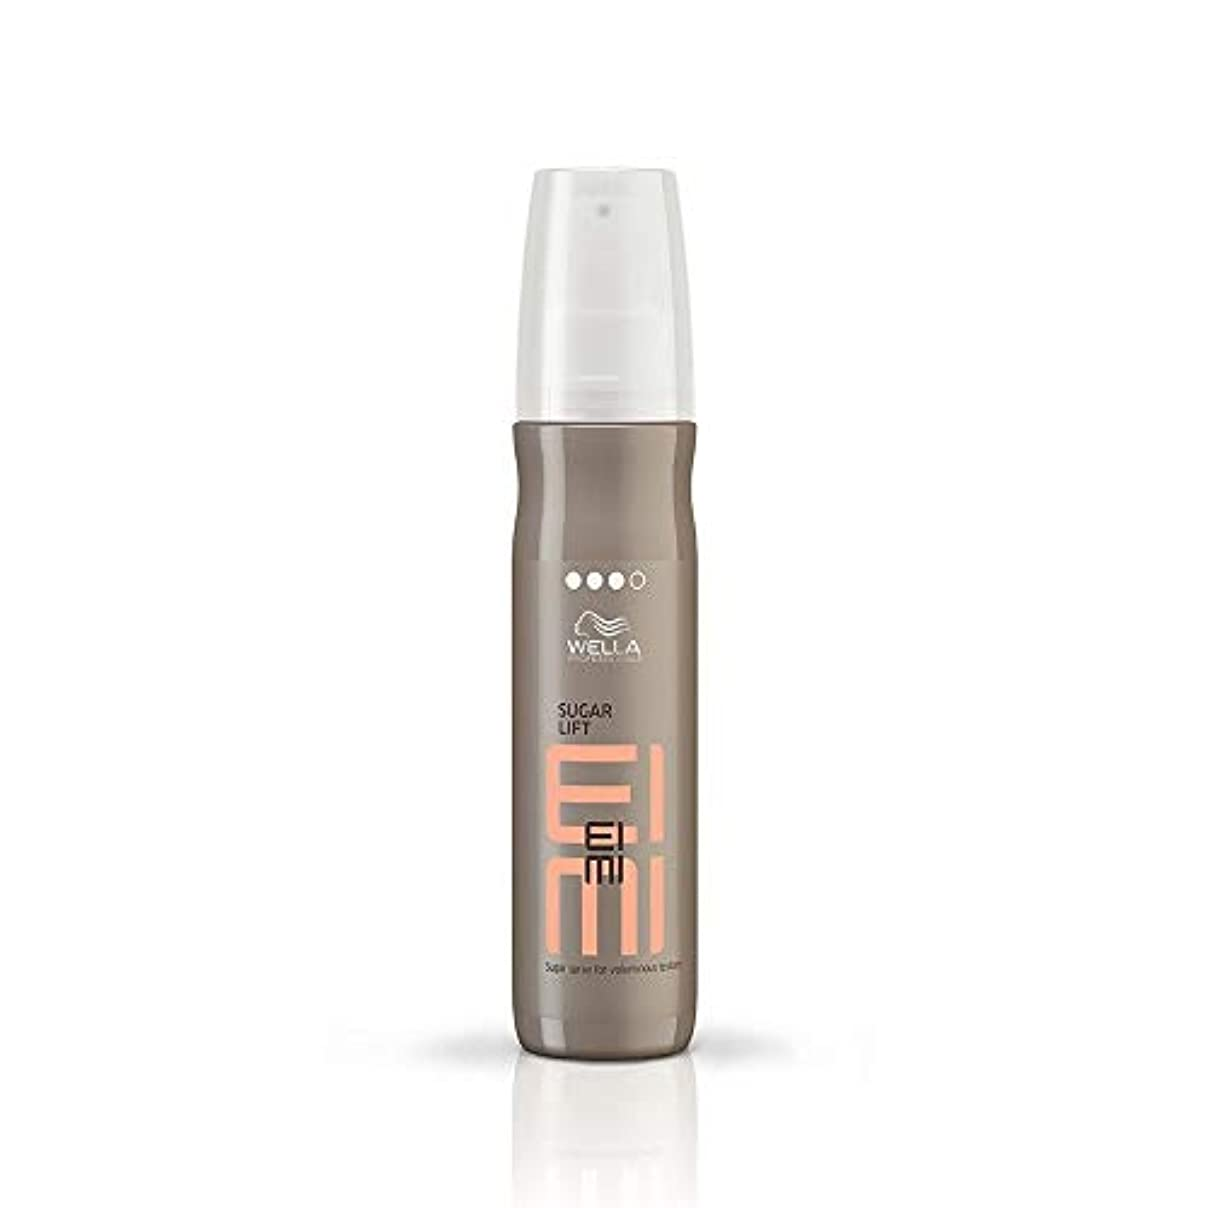 課税彼らのジュニアウエラ シュガー リフト スプレー Wella EIMI Sugar Lift Sugar Spray for Voluminous Texture 150 ml [並行輸入品]